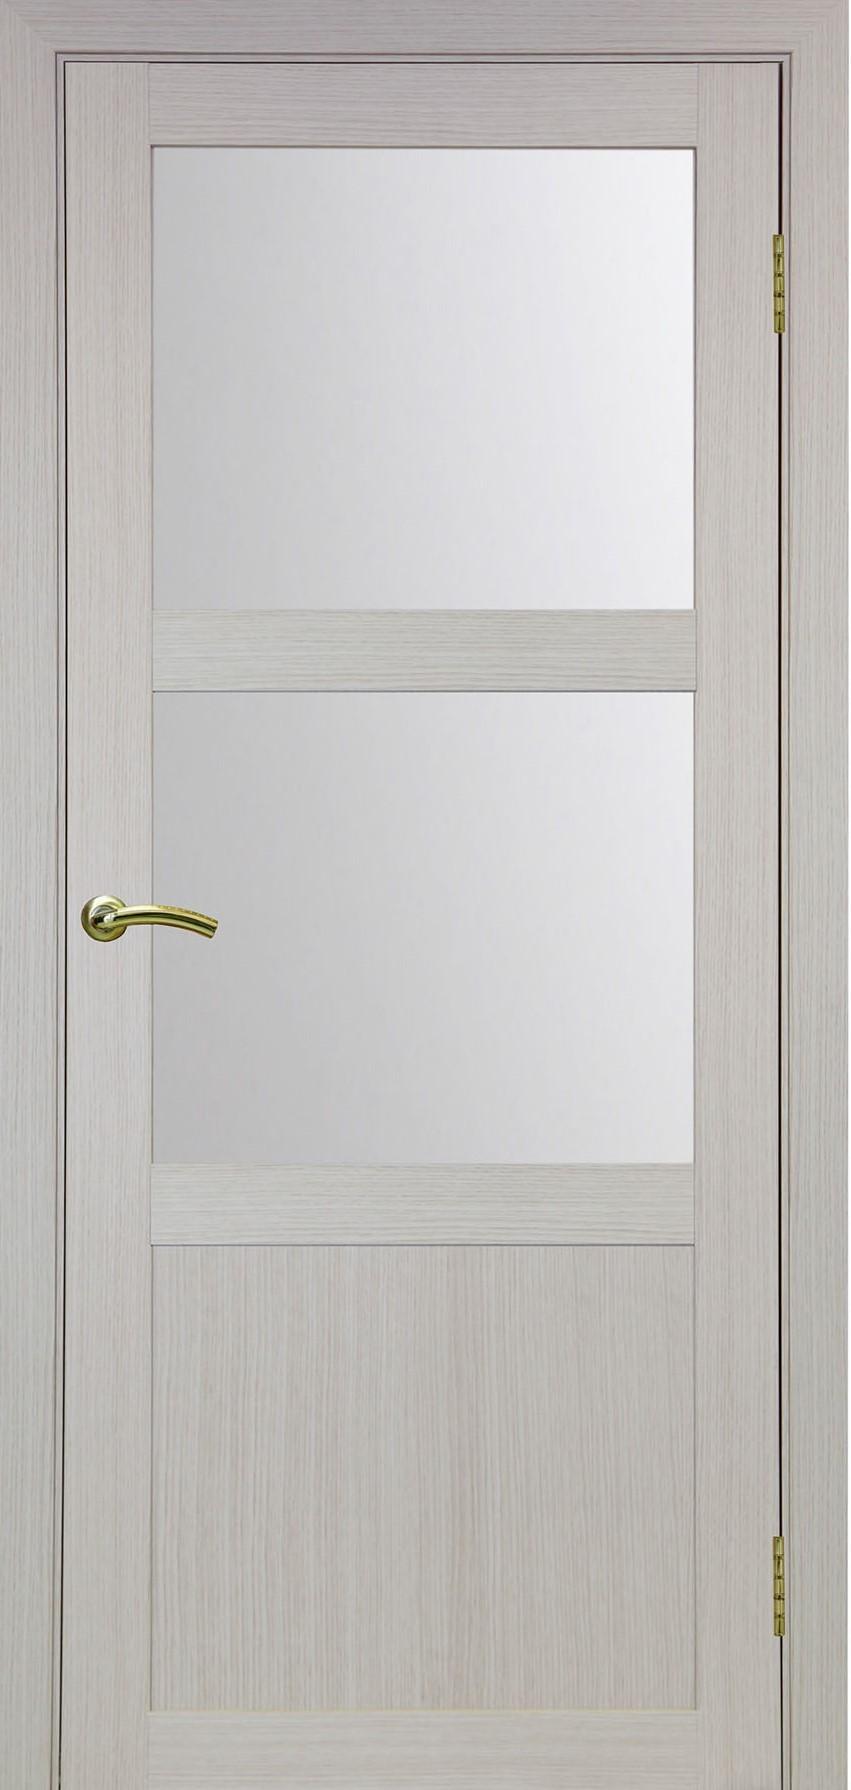 Турин 530 Дуб беленый FL ЭКО-шпон Остекление №221 Мателюкс, Двери OPTIMA PORTE